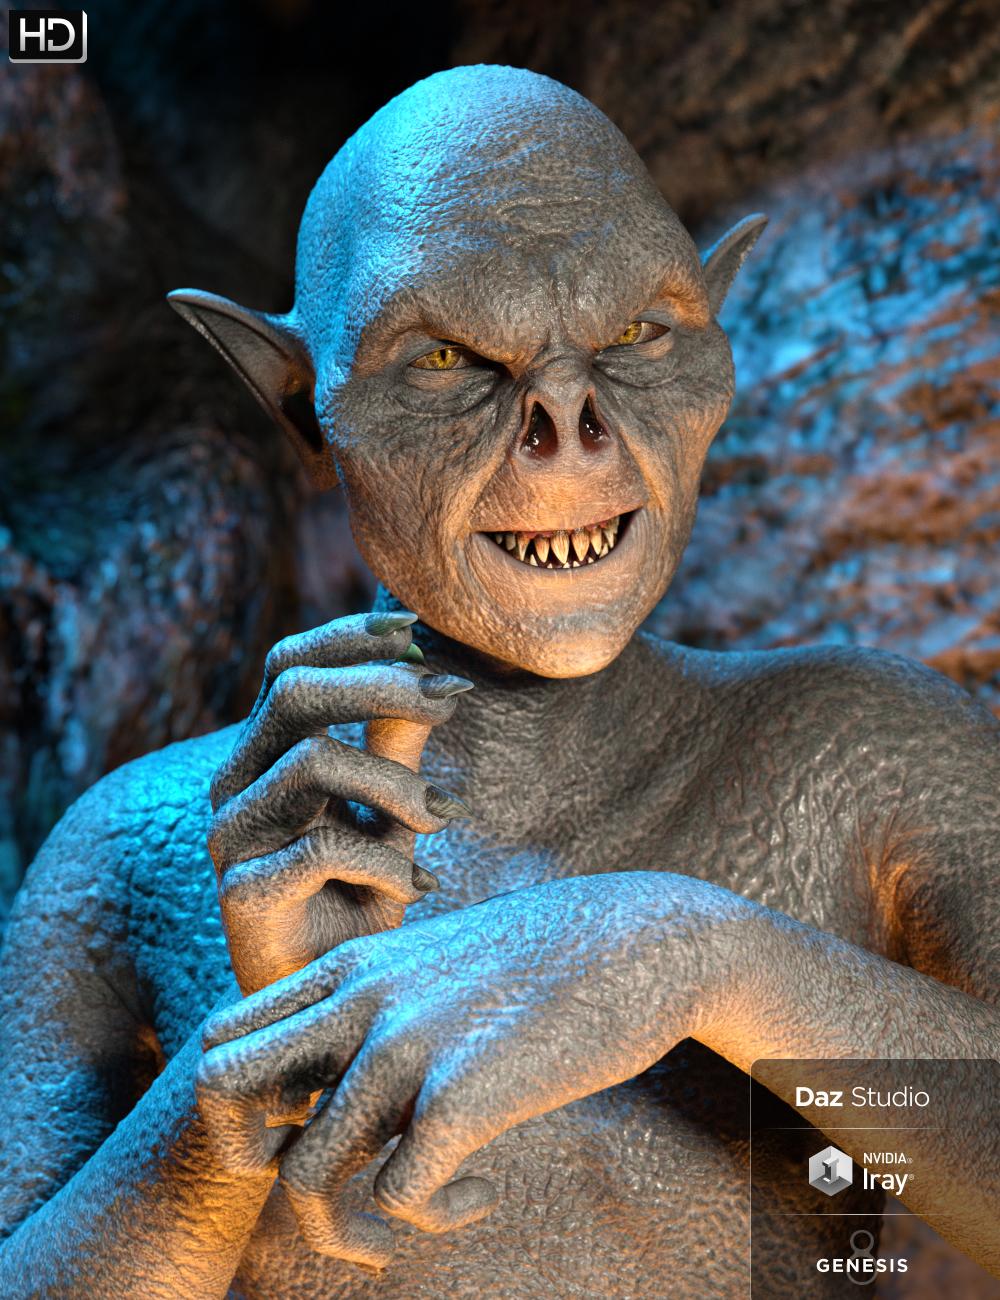 Goblin Raider HD for Genesis 8 Male by: Groovy Patrol, 3D Models by Daz 3D